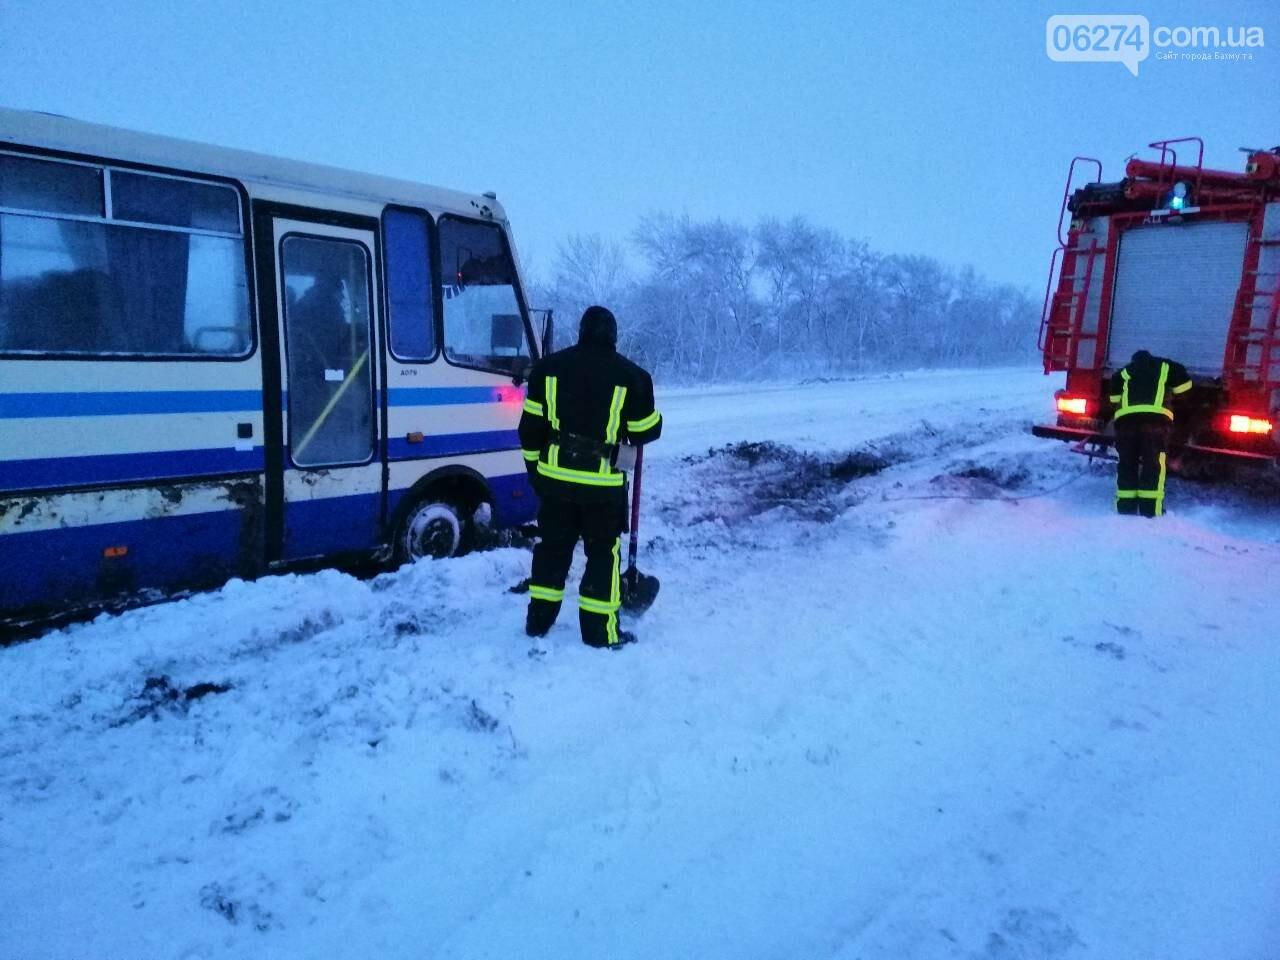 За сутки спасатели Донетчины оказали помощь водителям и пассажирам 45 транспортных средств, фото-6